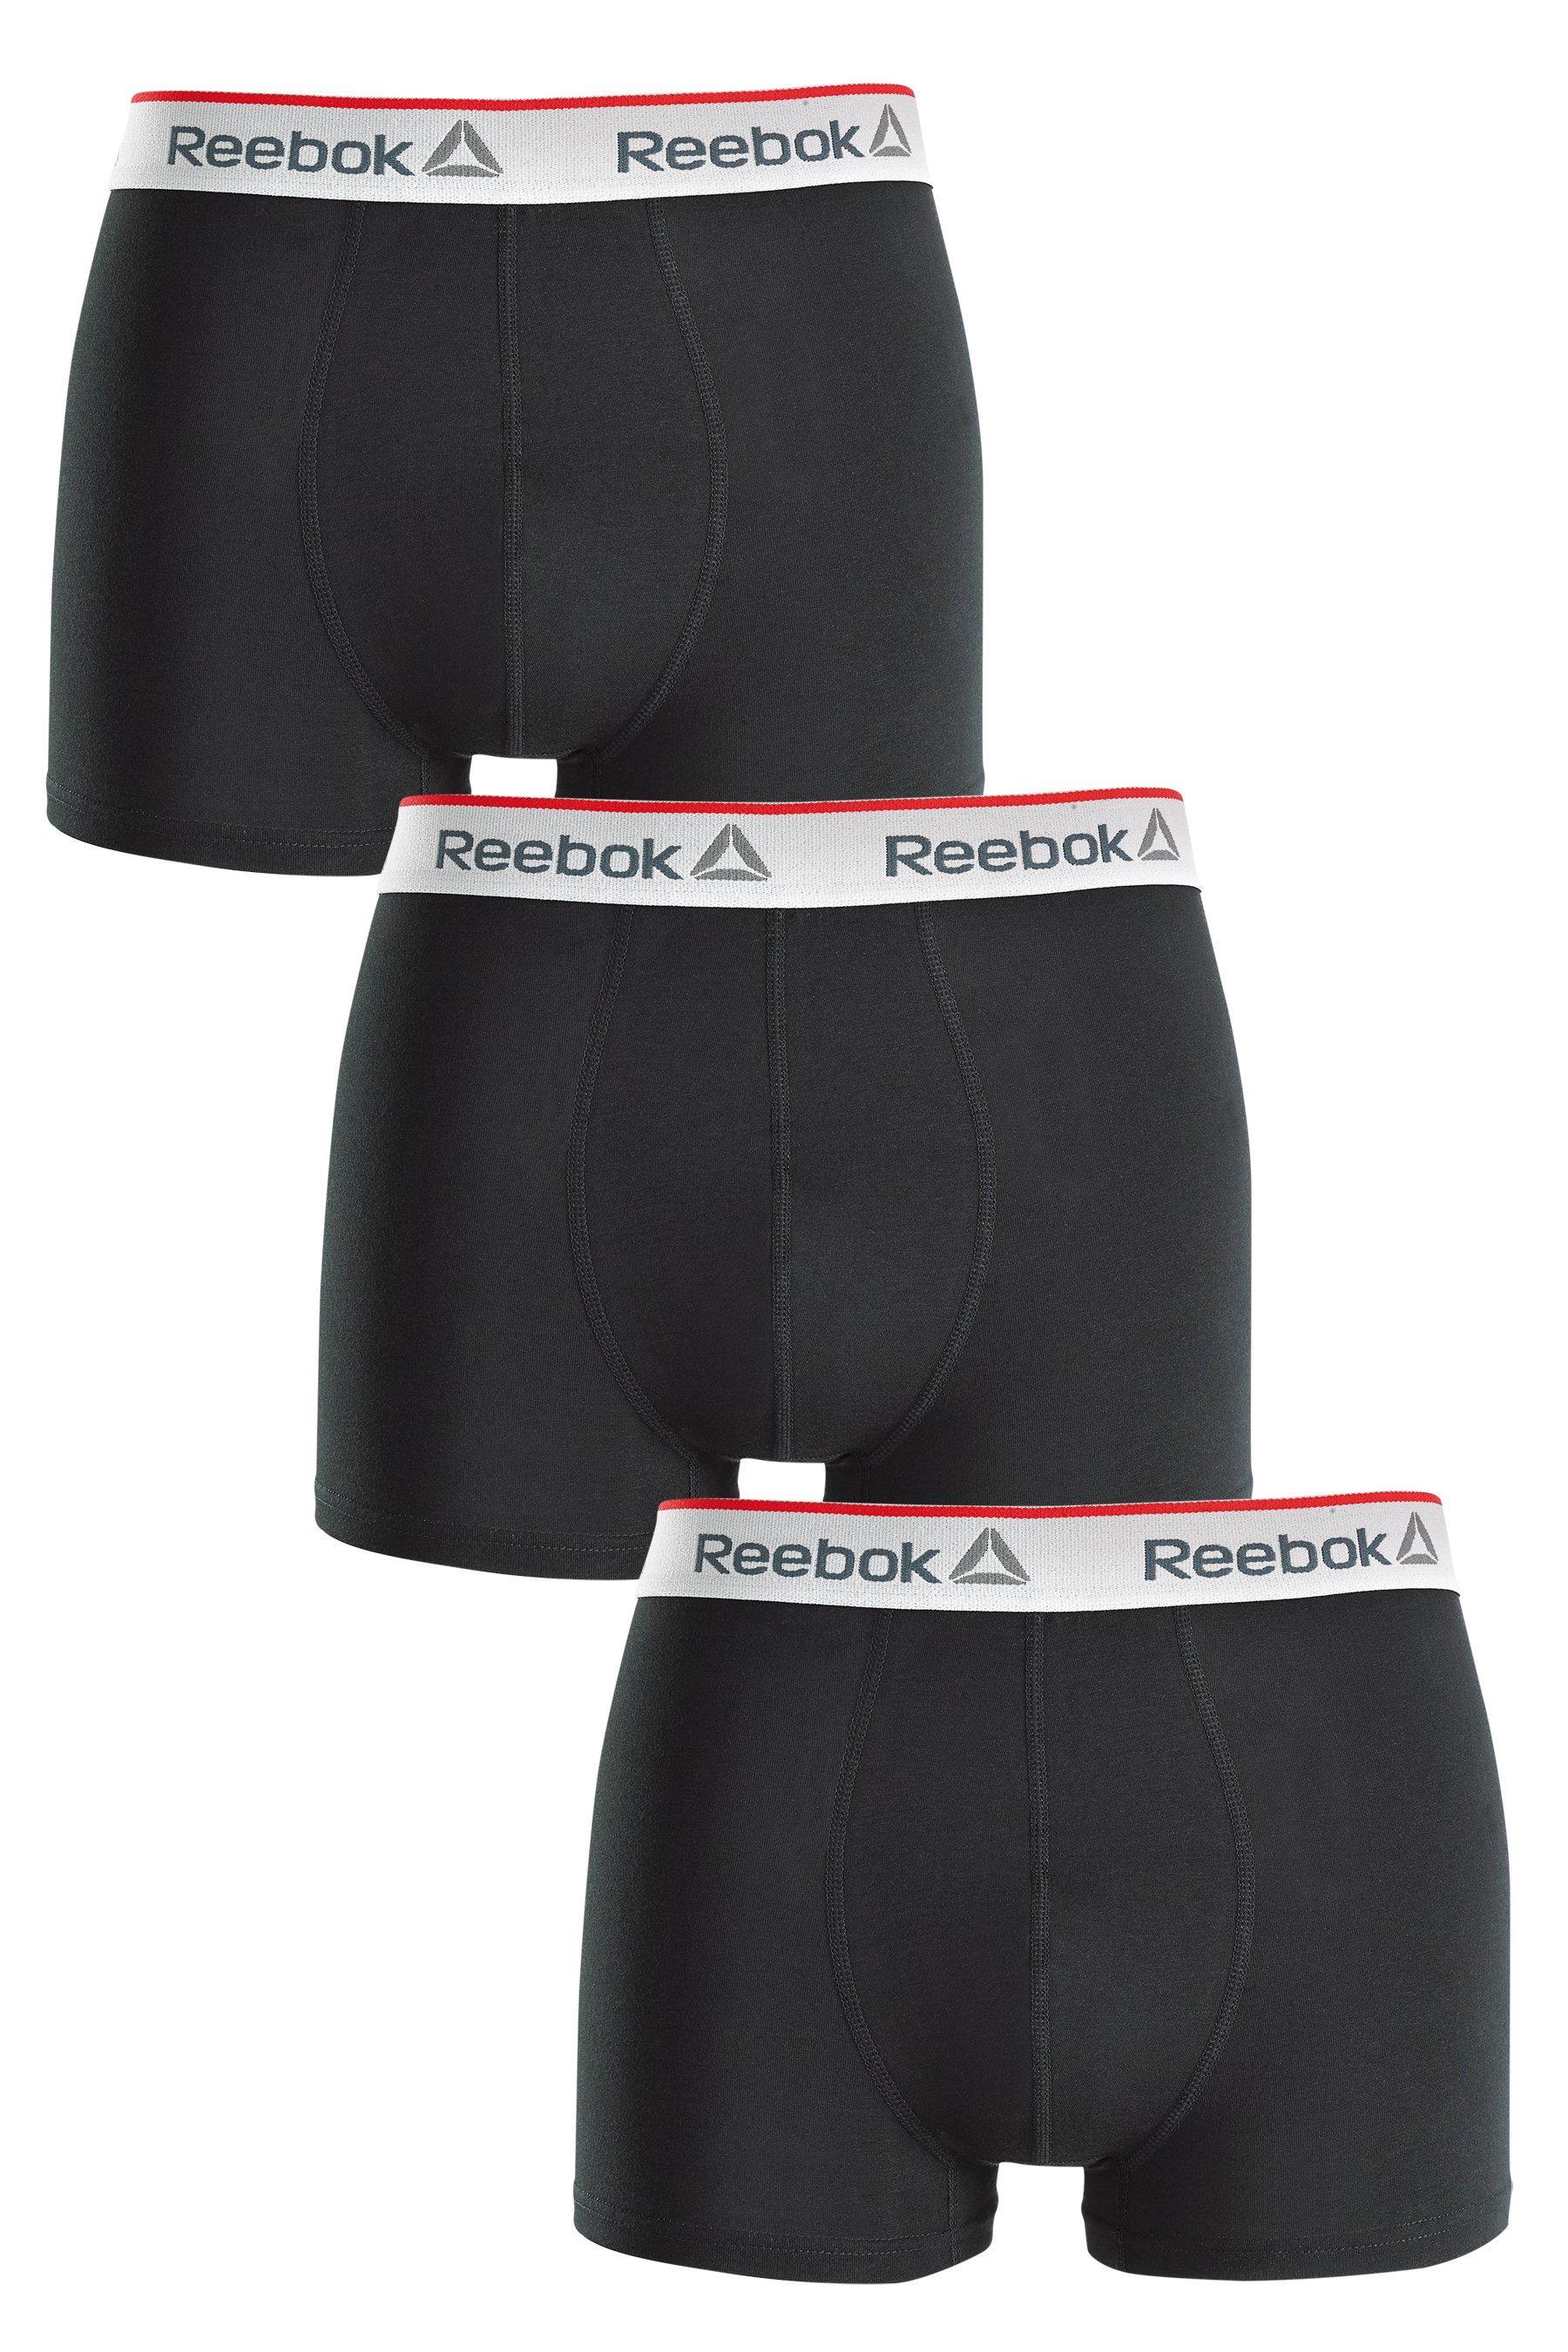 reebok shoes pump men s underware boxers break to heal